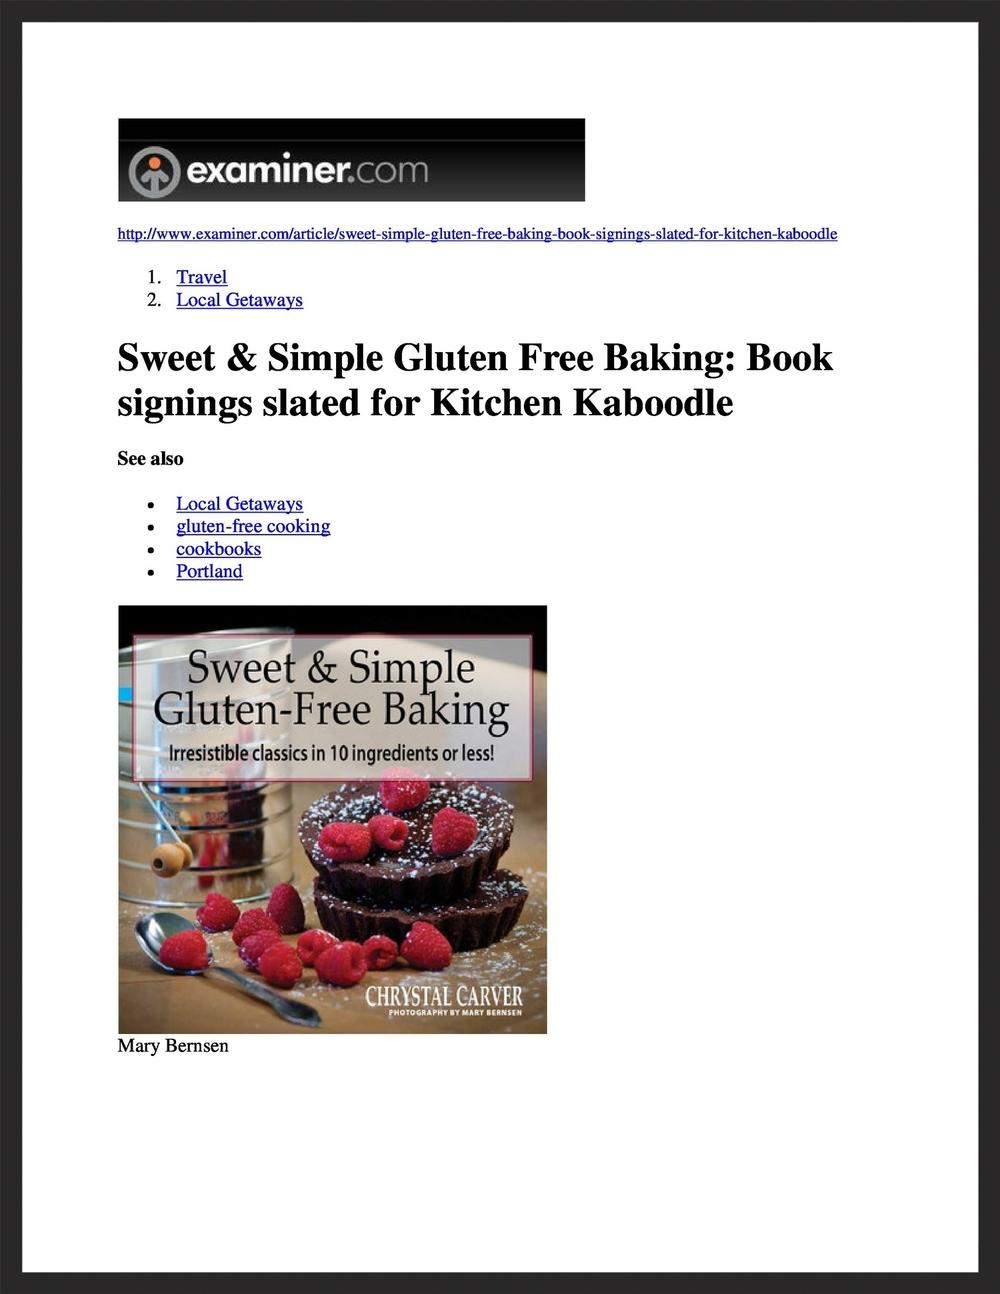 CHRYSTAL CARVER  Examiner.com  09.09.2014